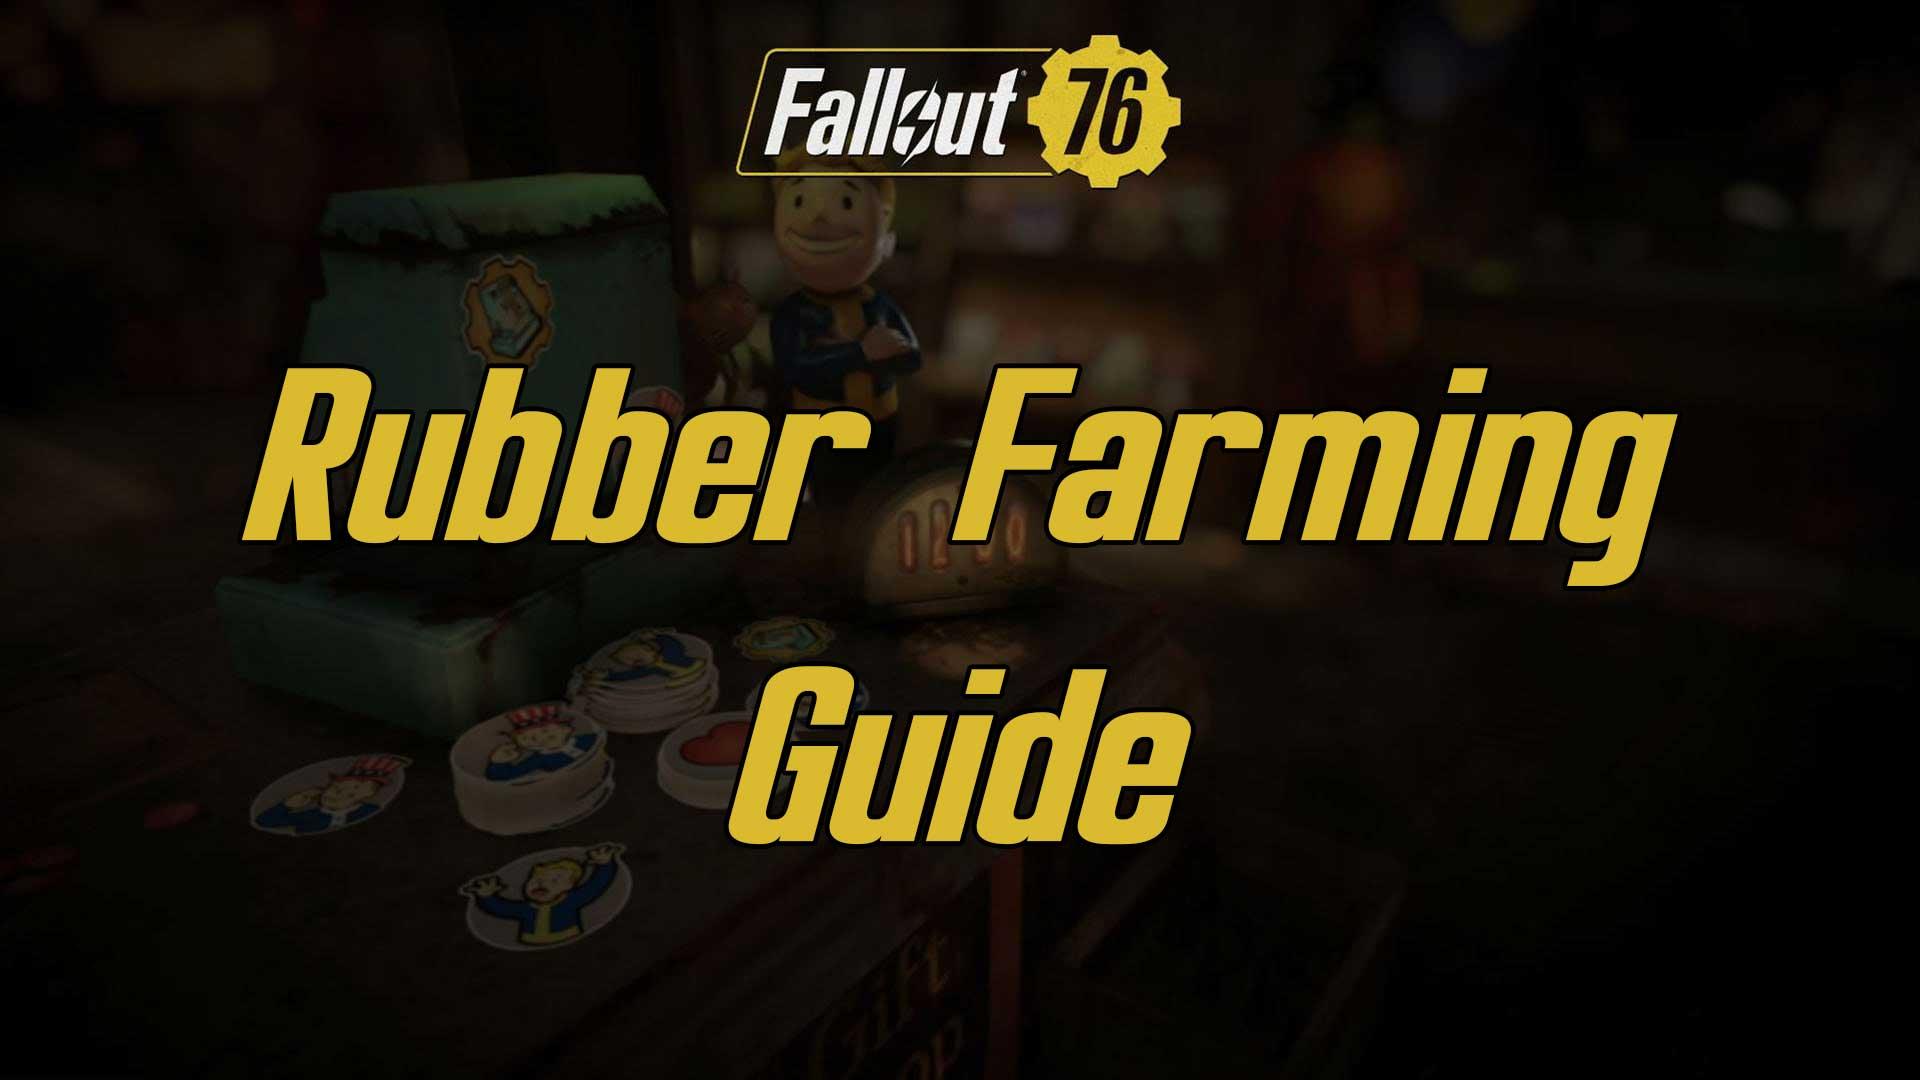 rubber farming guide fallout 76